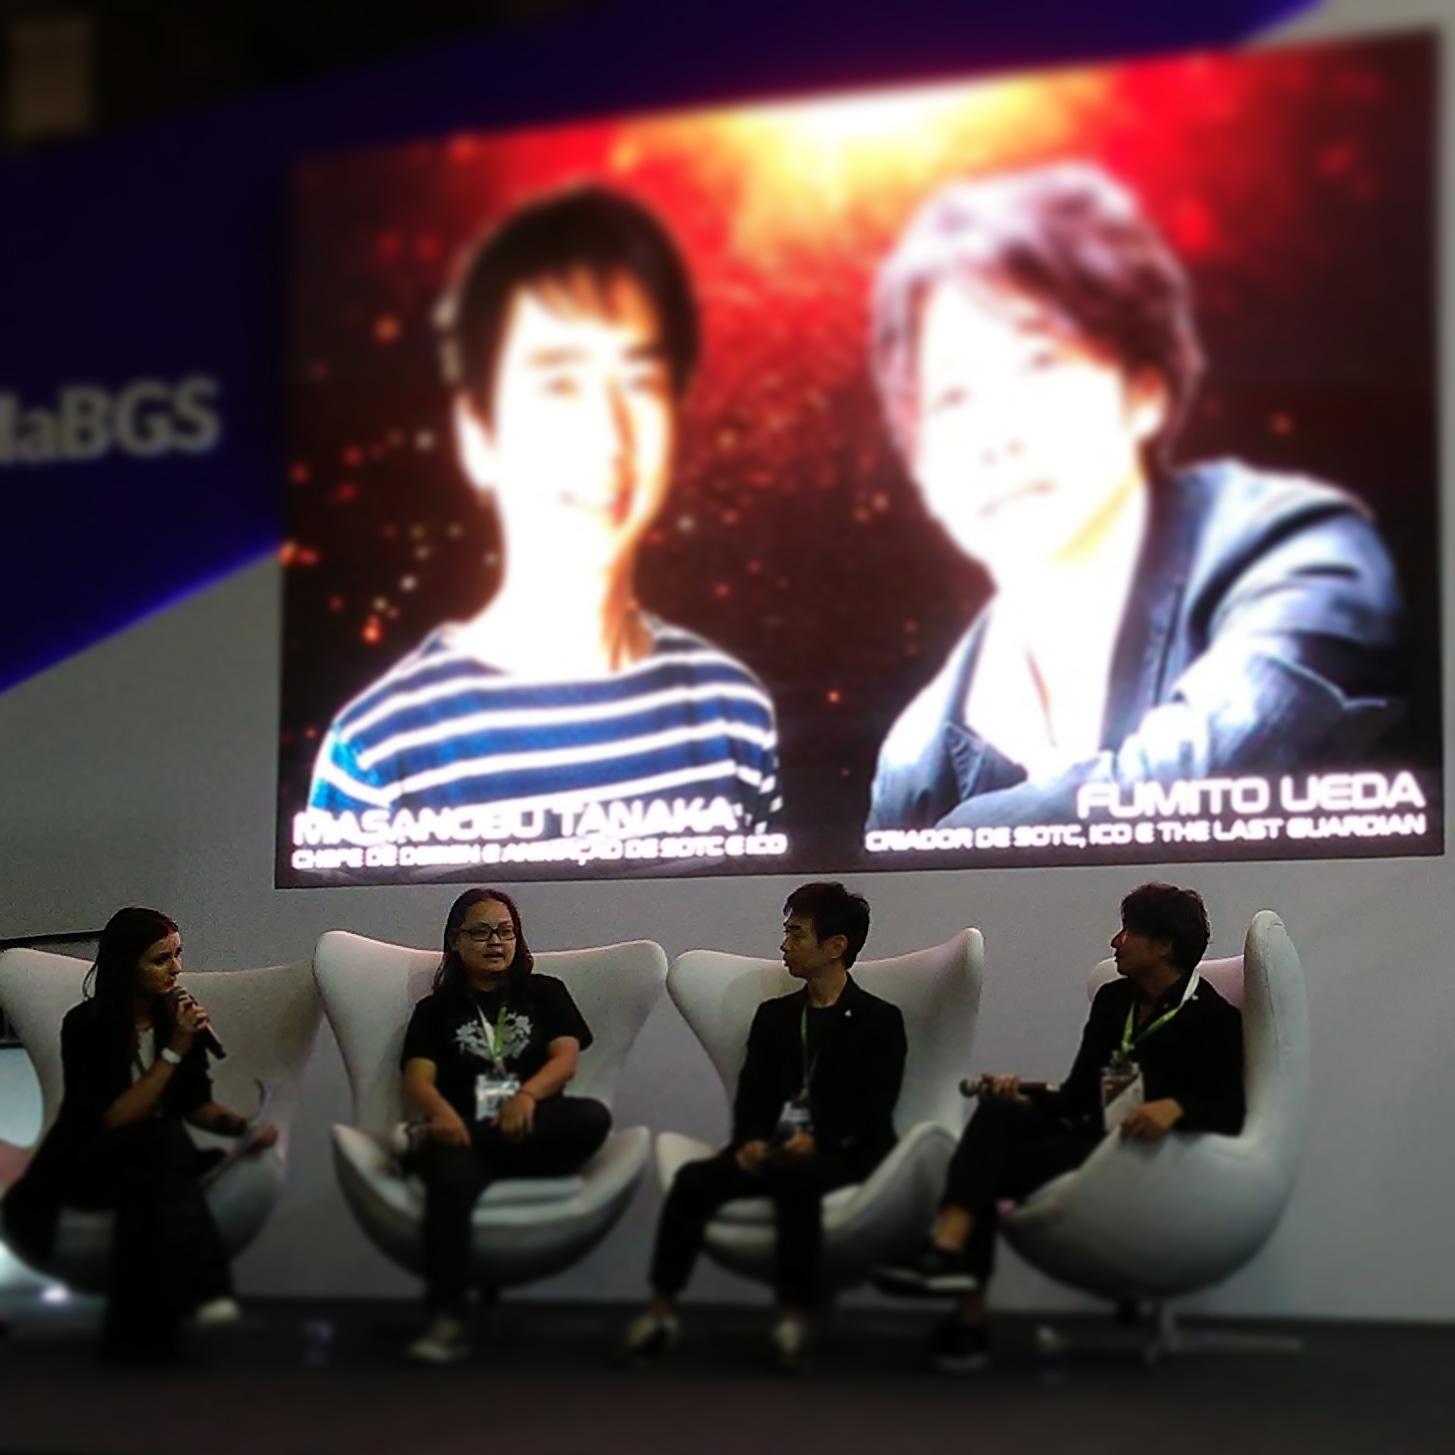 [EVENTO] BGS 2018: Atrações internacionais marcaram o primeiro dia de evento!